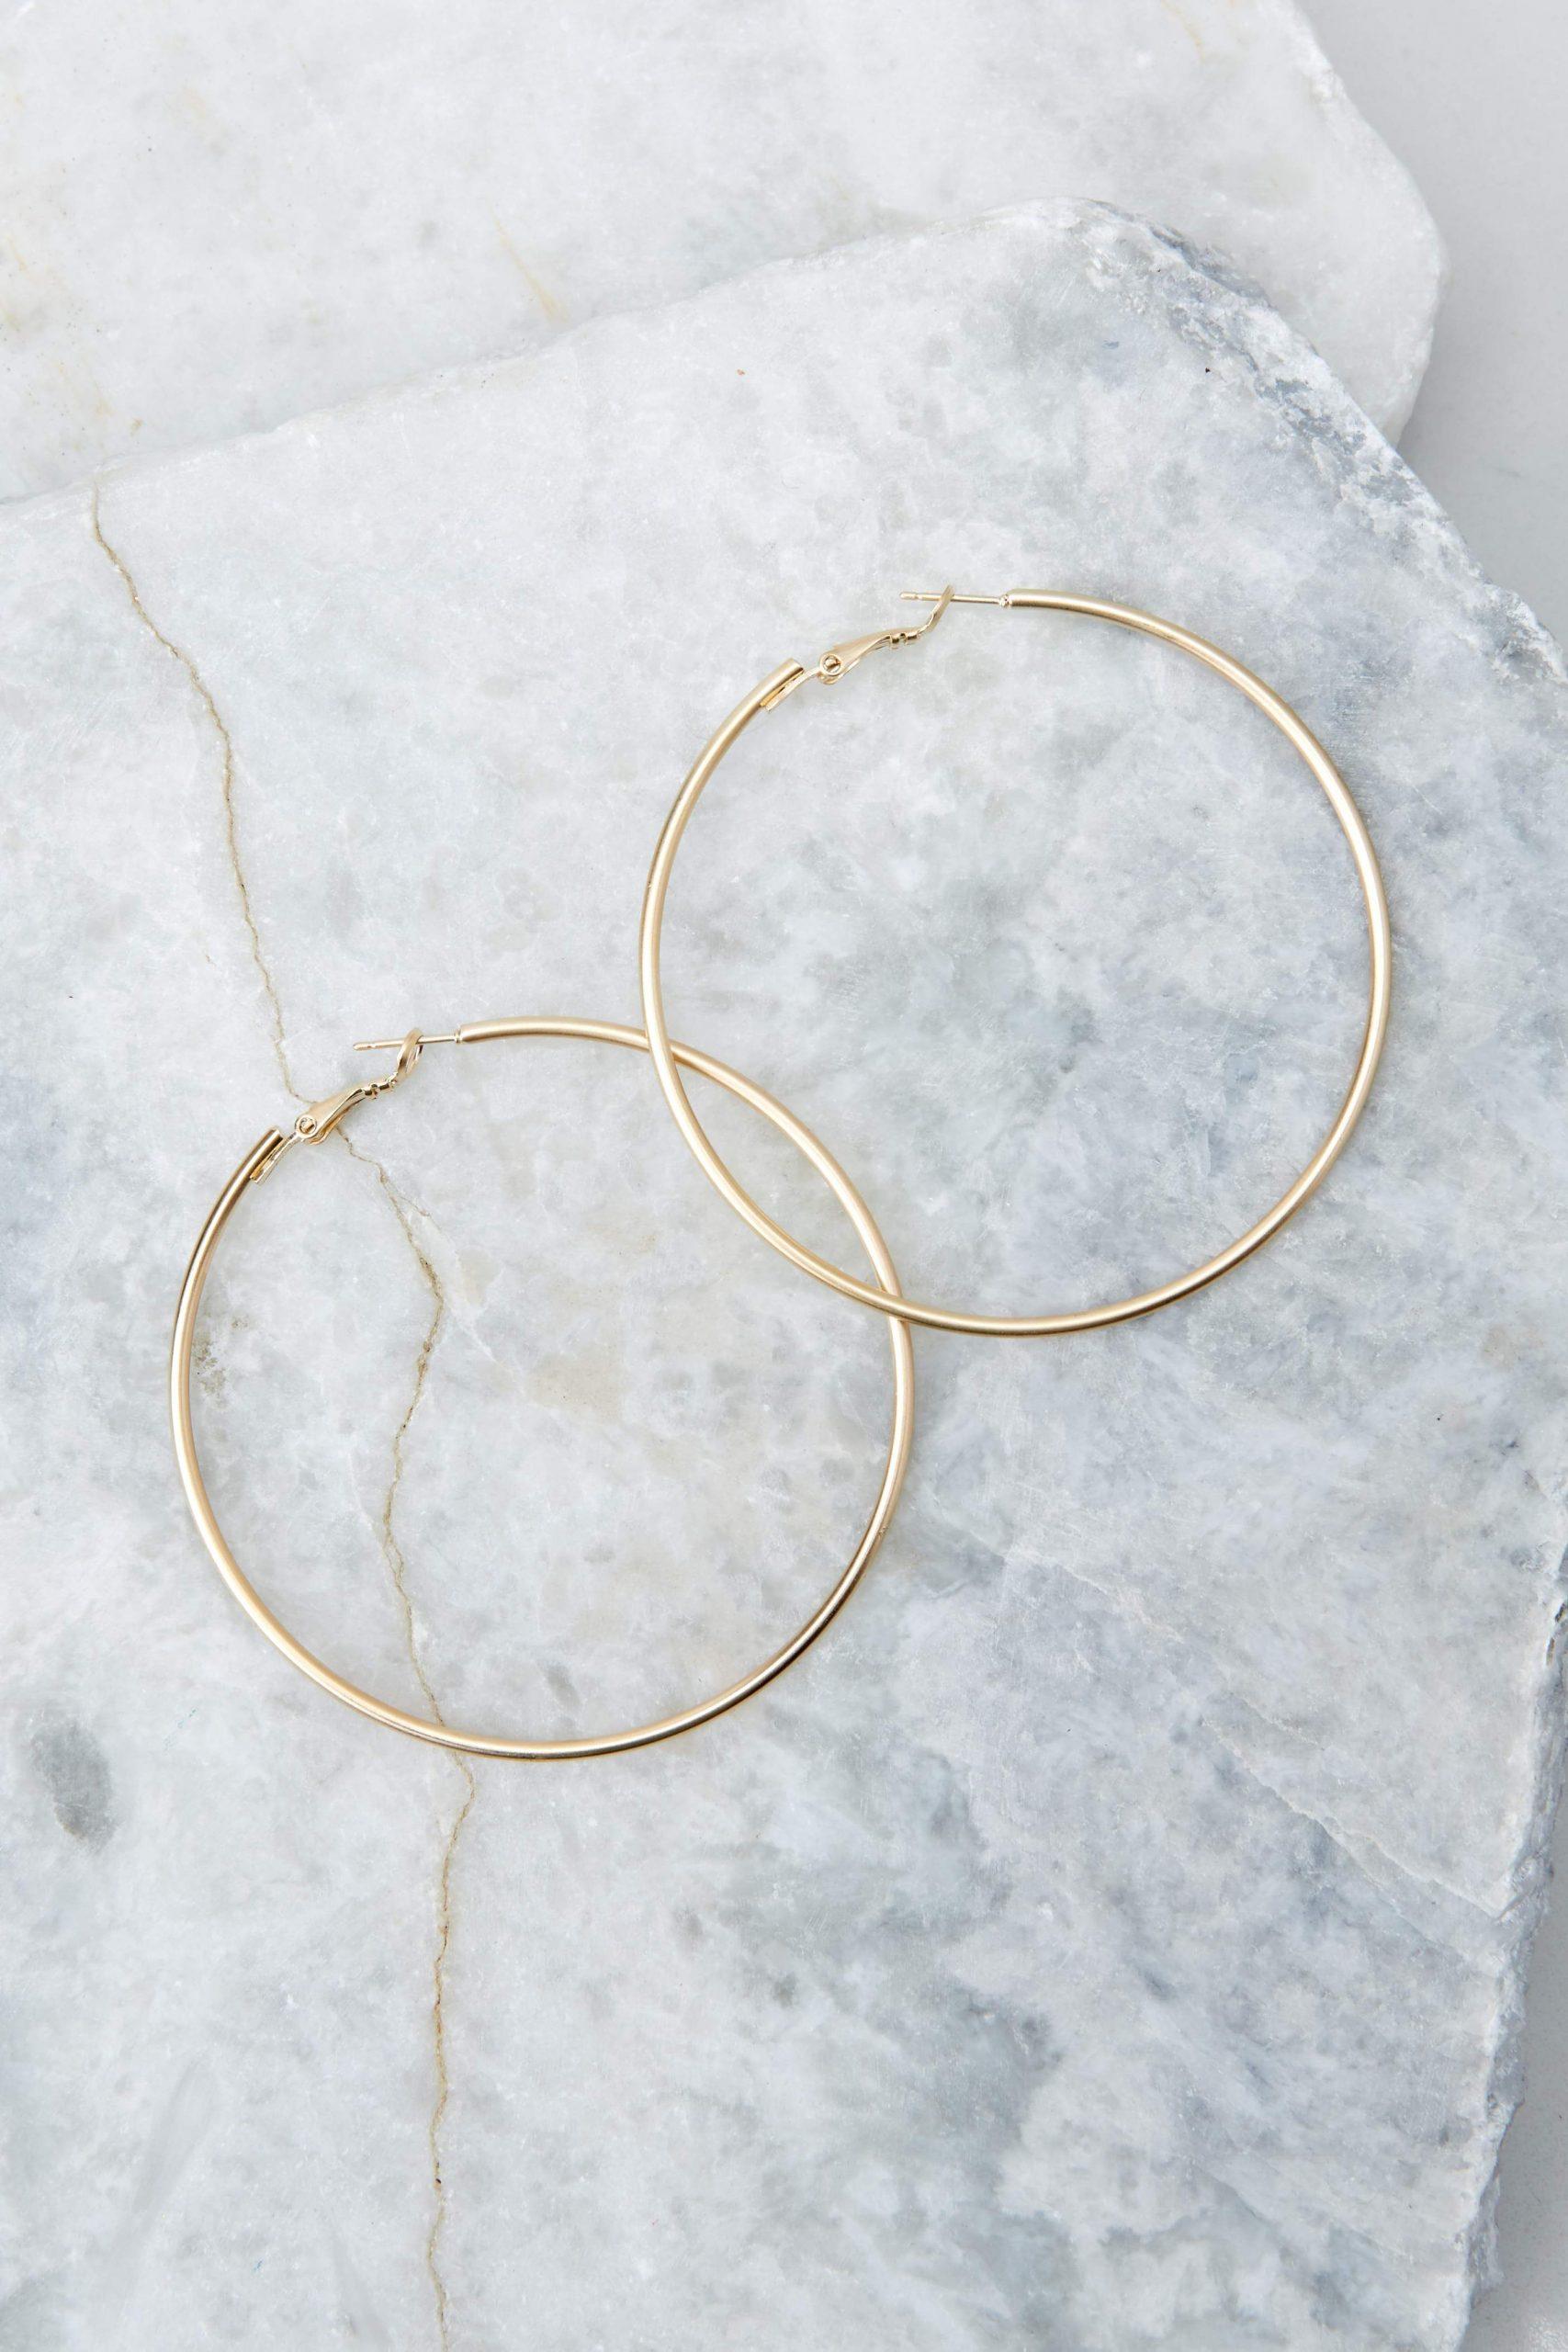 Best Believe It Gold Hoop Earrings